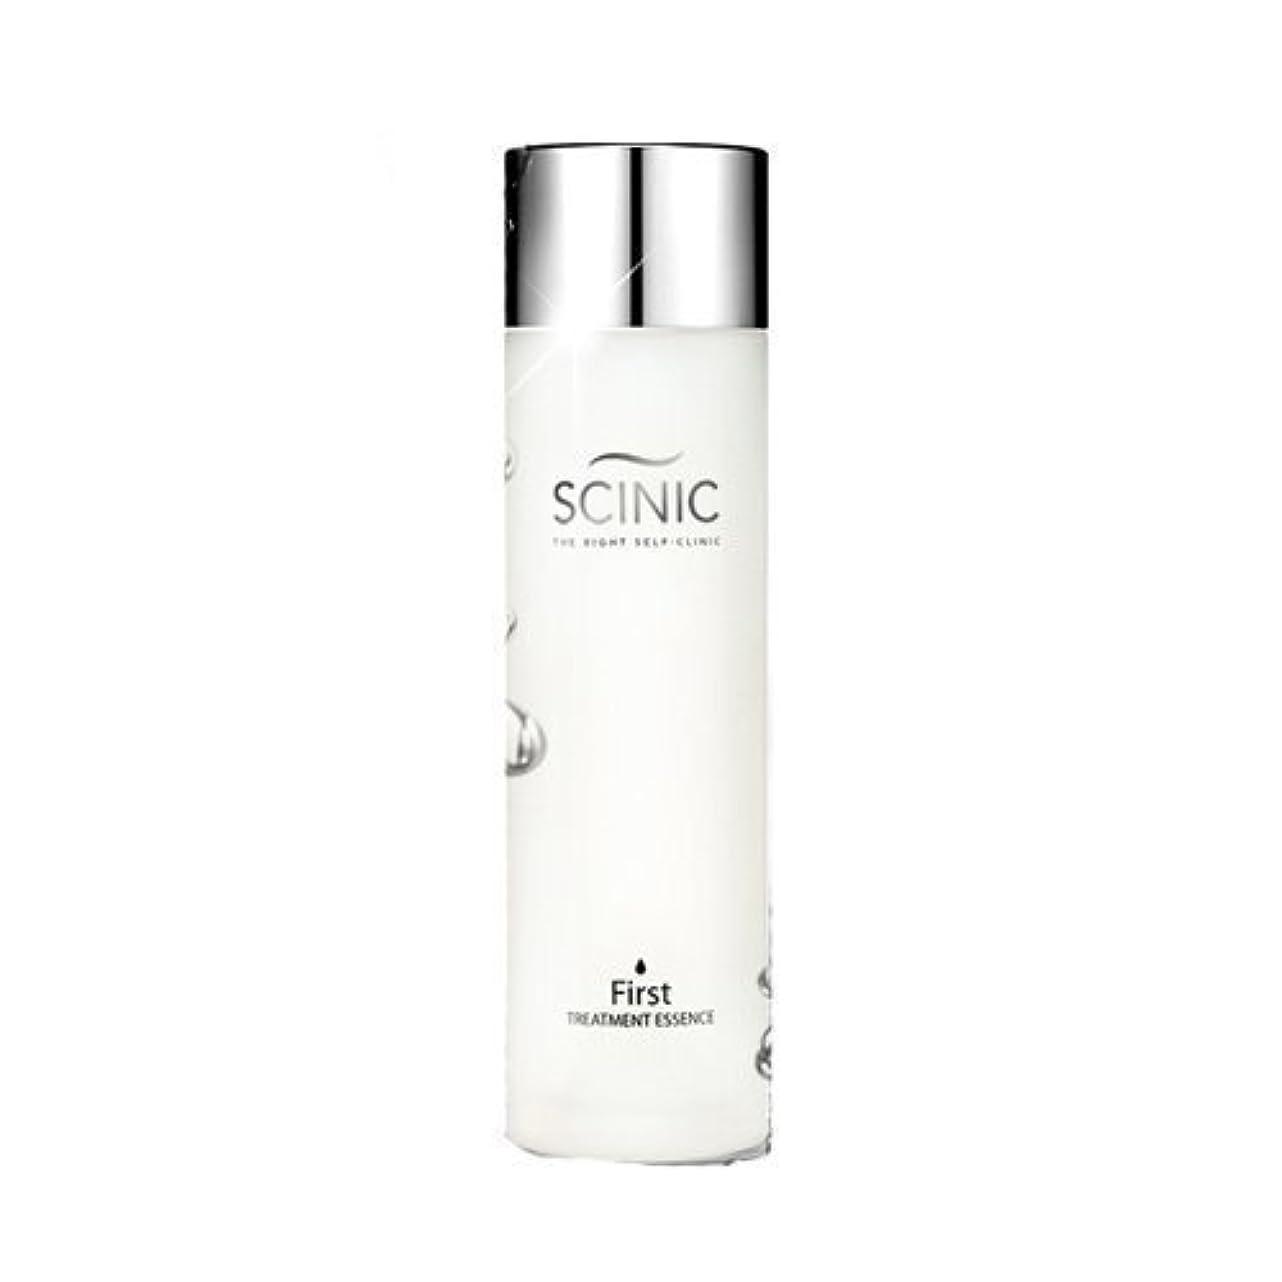 パトロンコイル絶縁するSCINIC First Treatment Yeast Essence Galactomyces Whitening Anti-Wrinkle 150ml